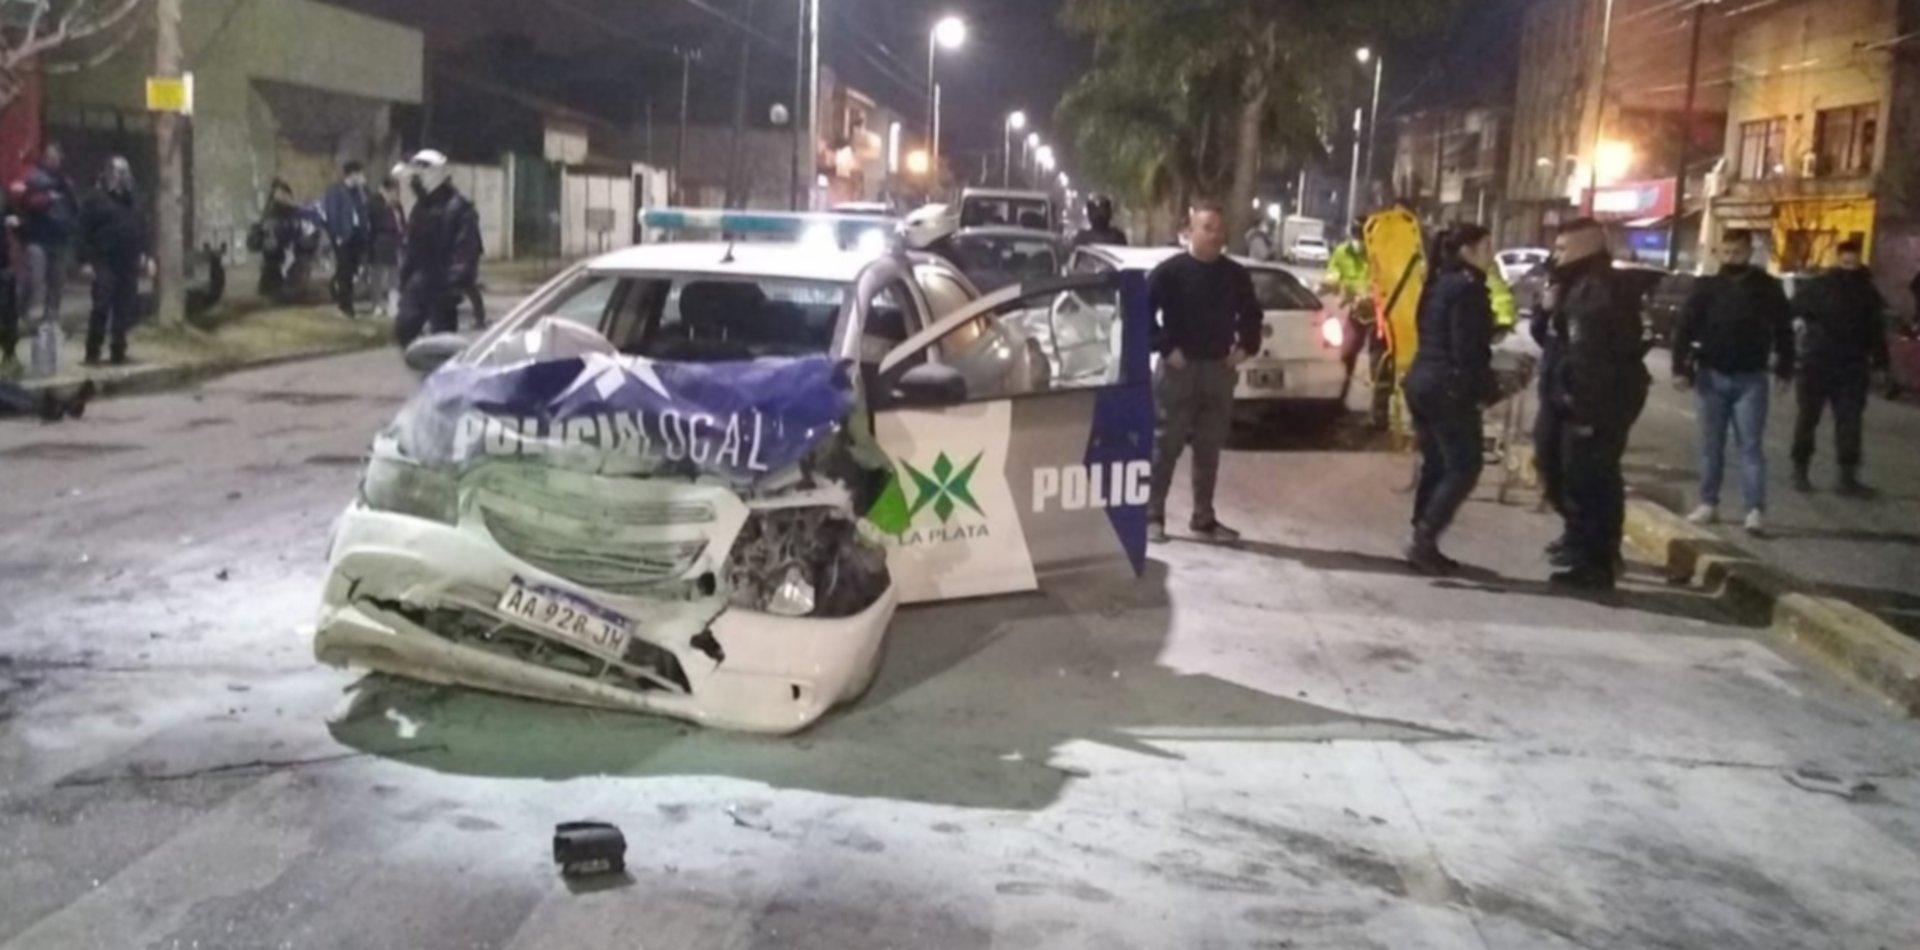 Trágico choque en La Plata: un patrullero chocó contra un auto y el conductor murió